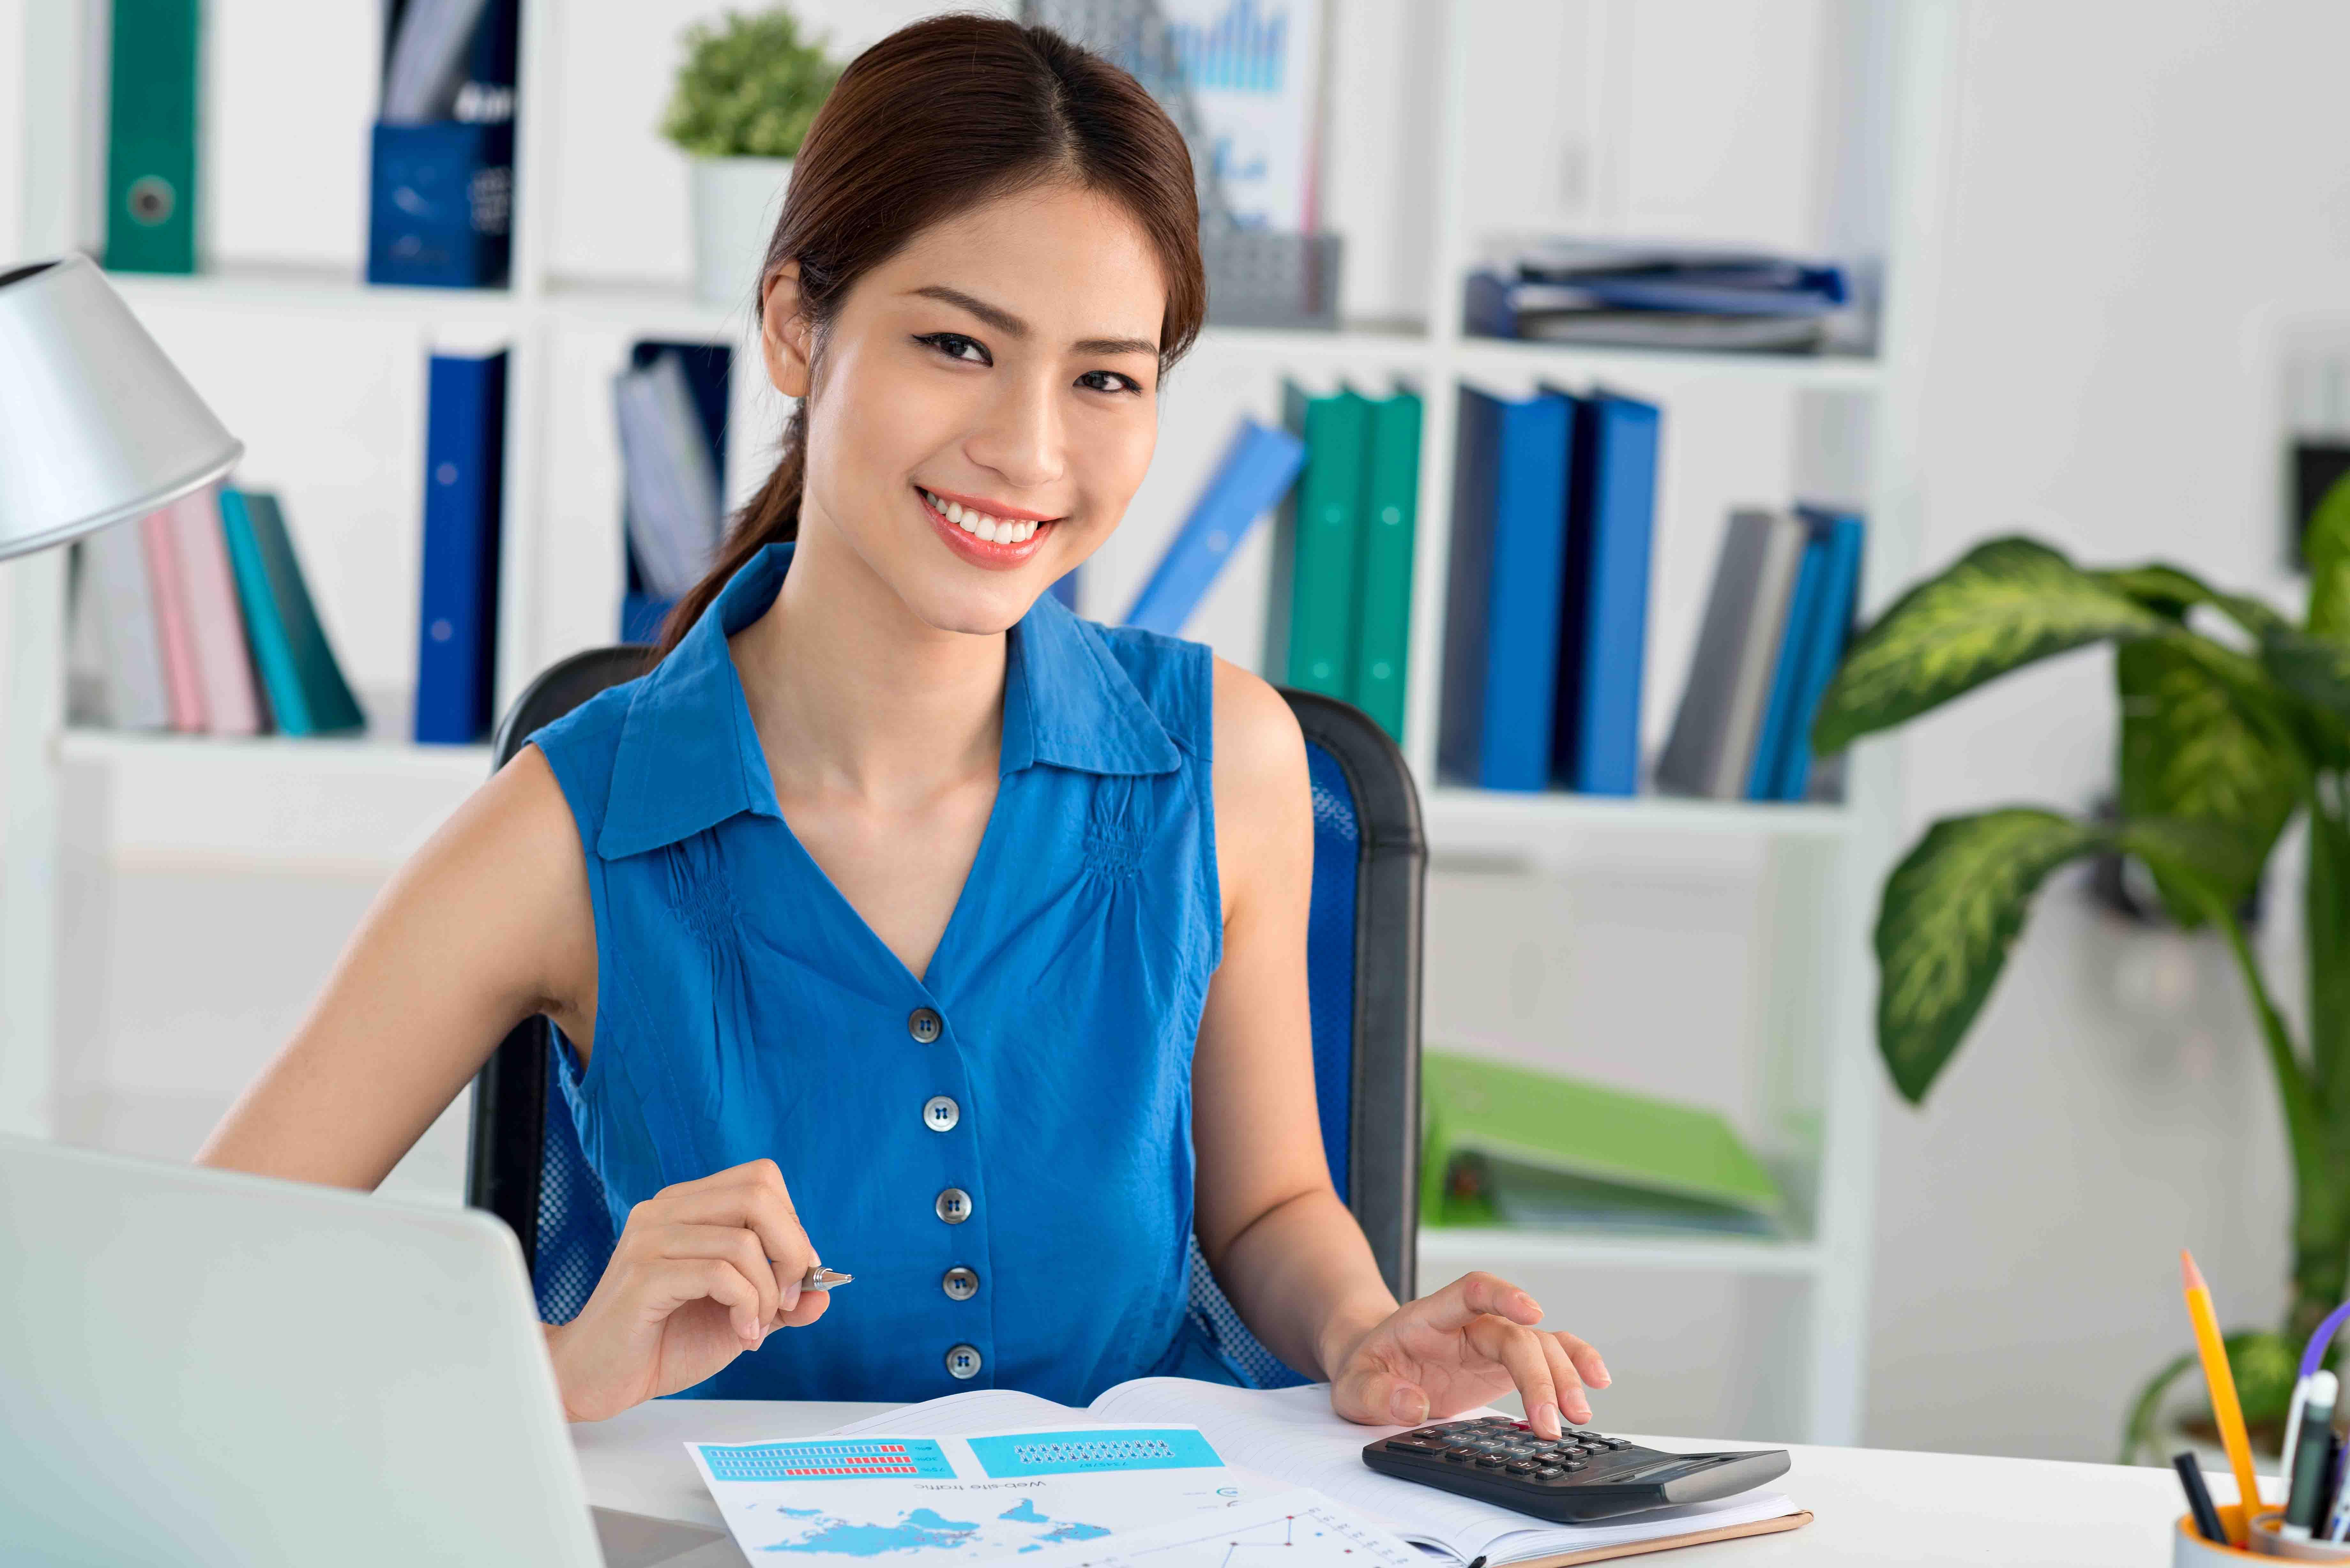 phụ nữ và quản lý tài chính